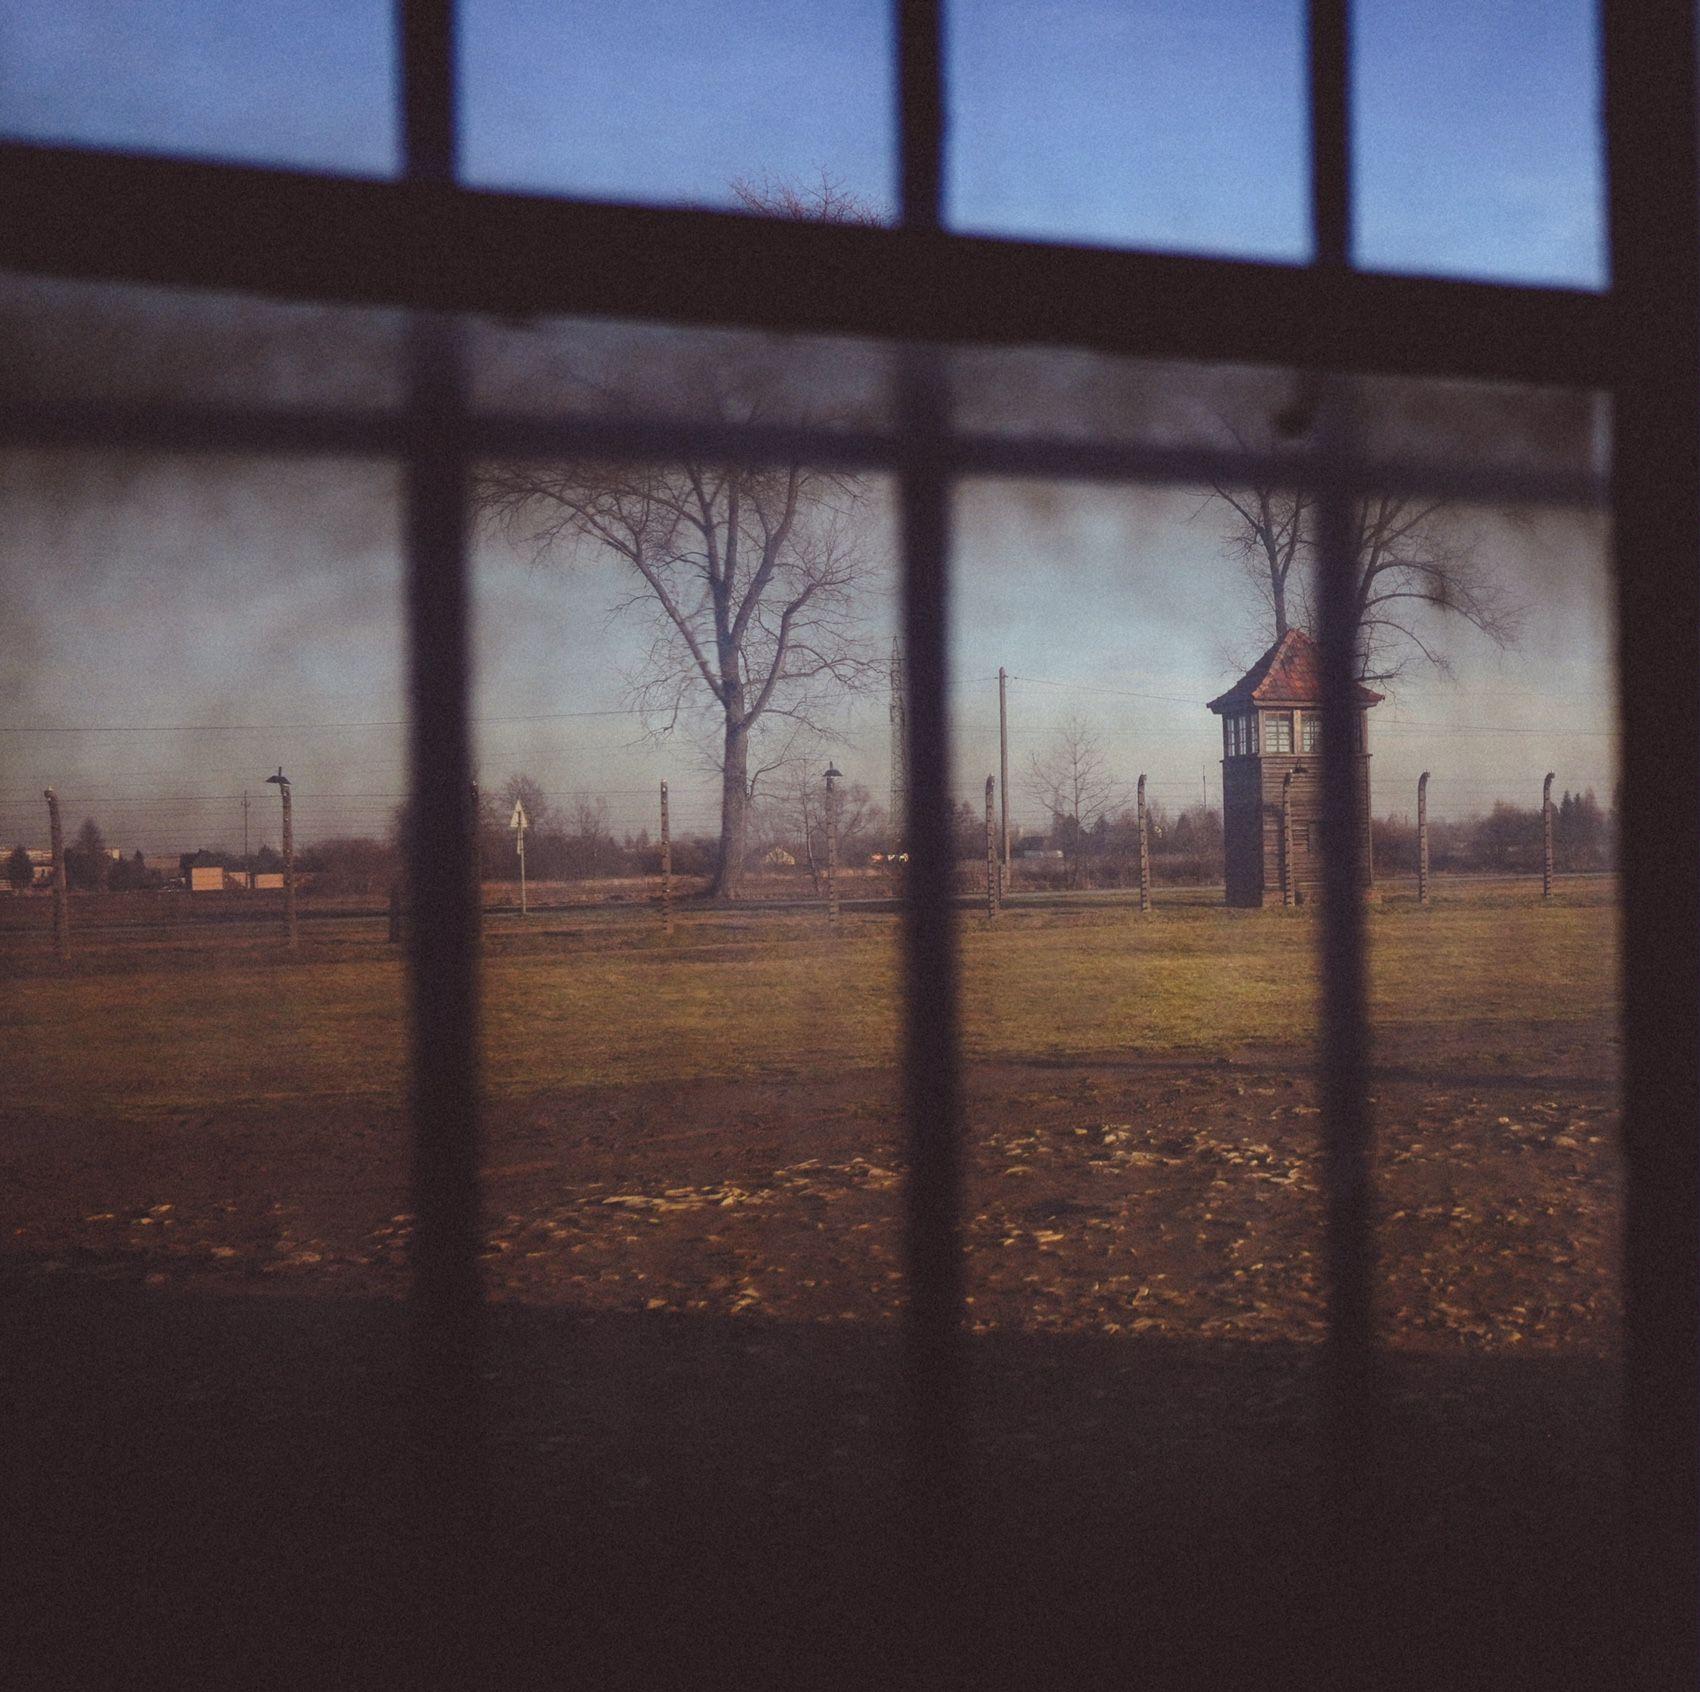 Breve testemunho de uma visita a Auschwitz